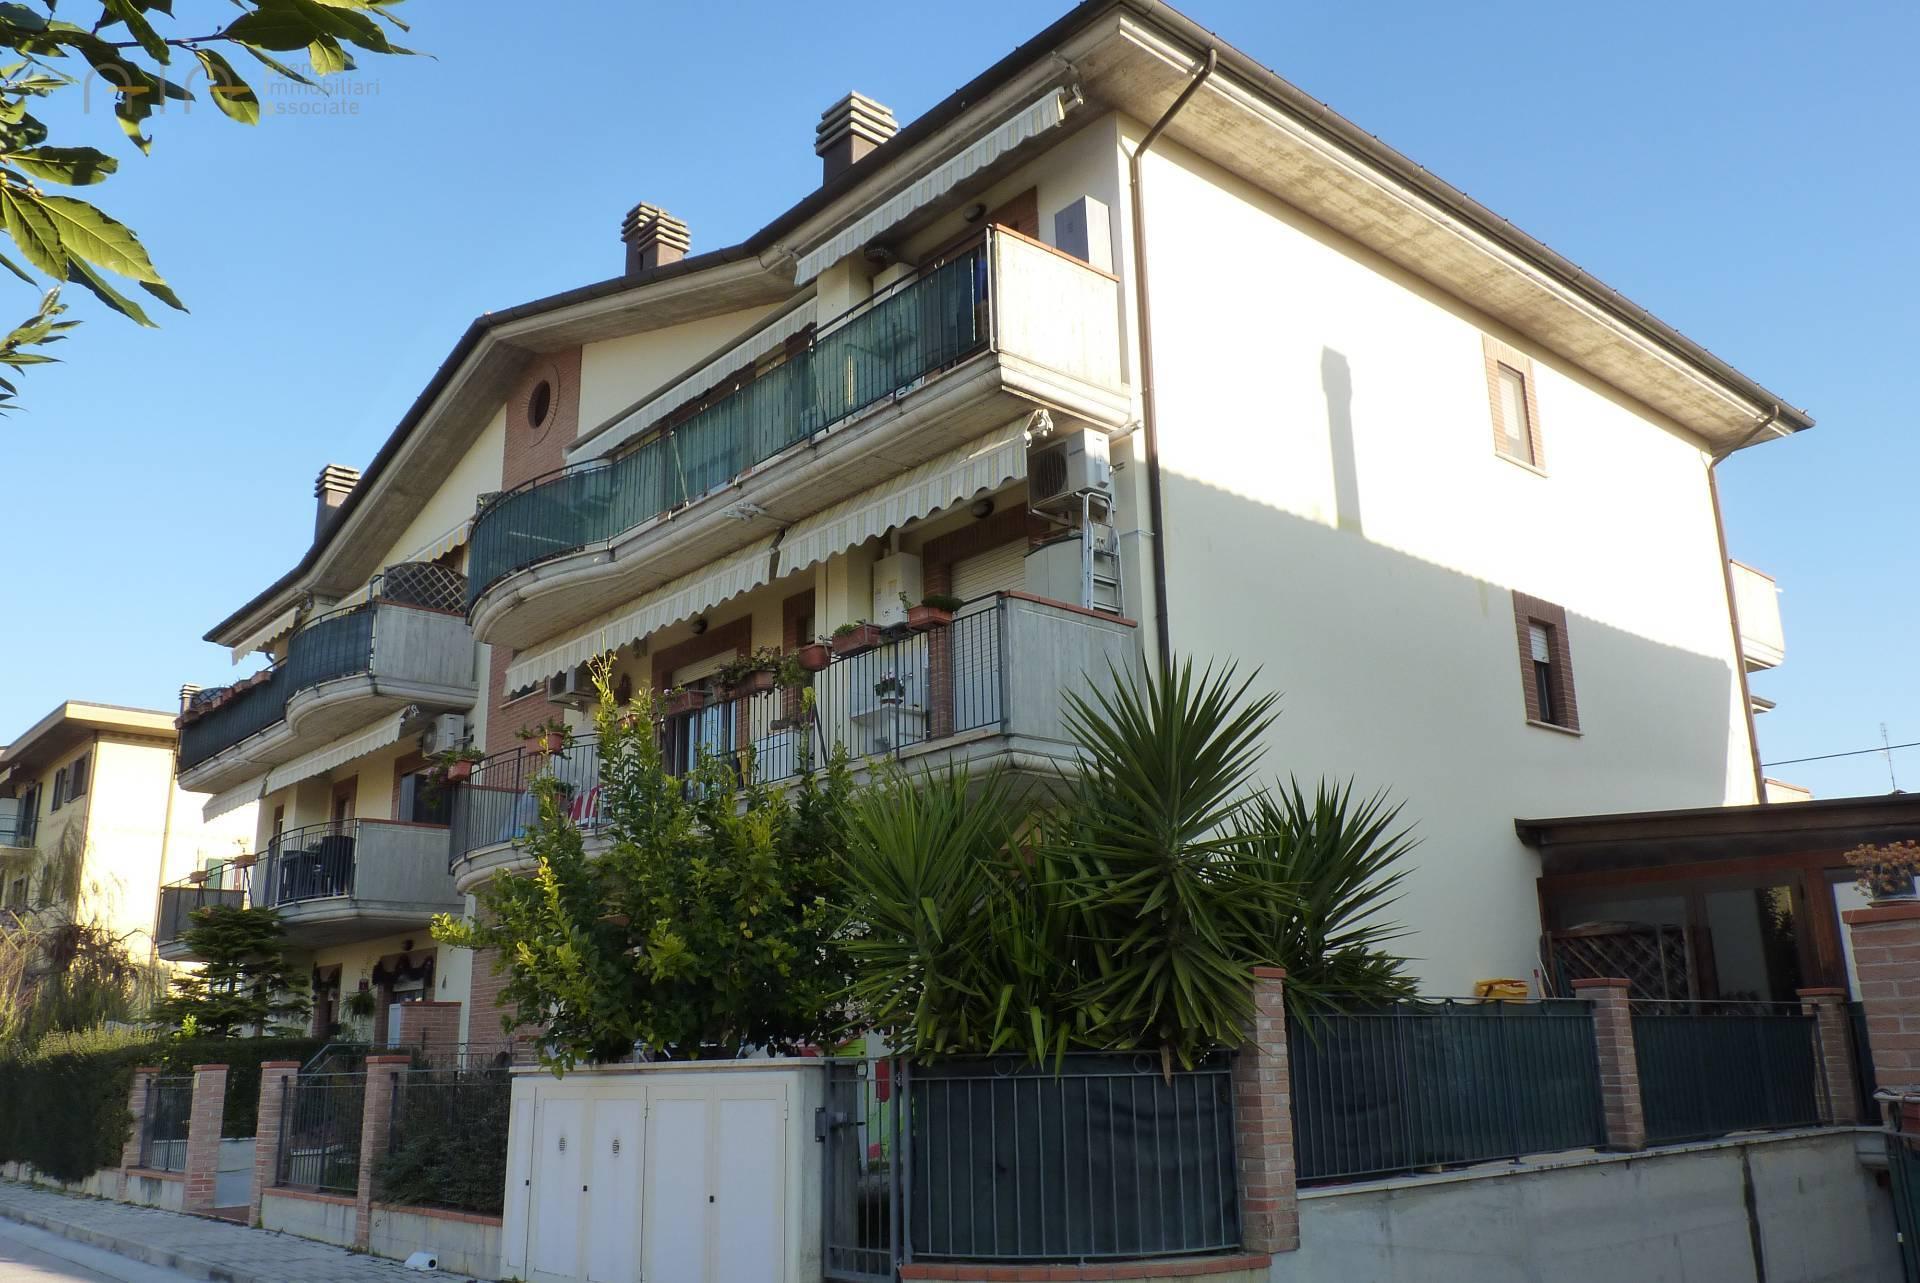 Appartamento in vendita a Spinetoli, 4 locali, zona Zona: Pagliare, prezzo € 117.000   CambioCasa.it